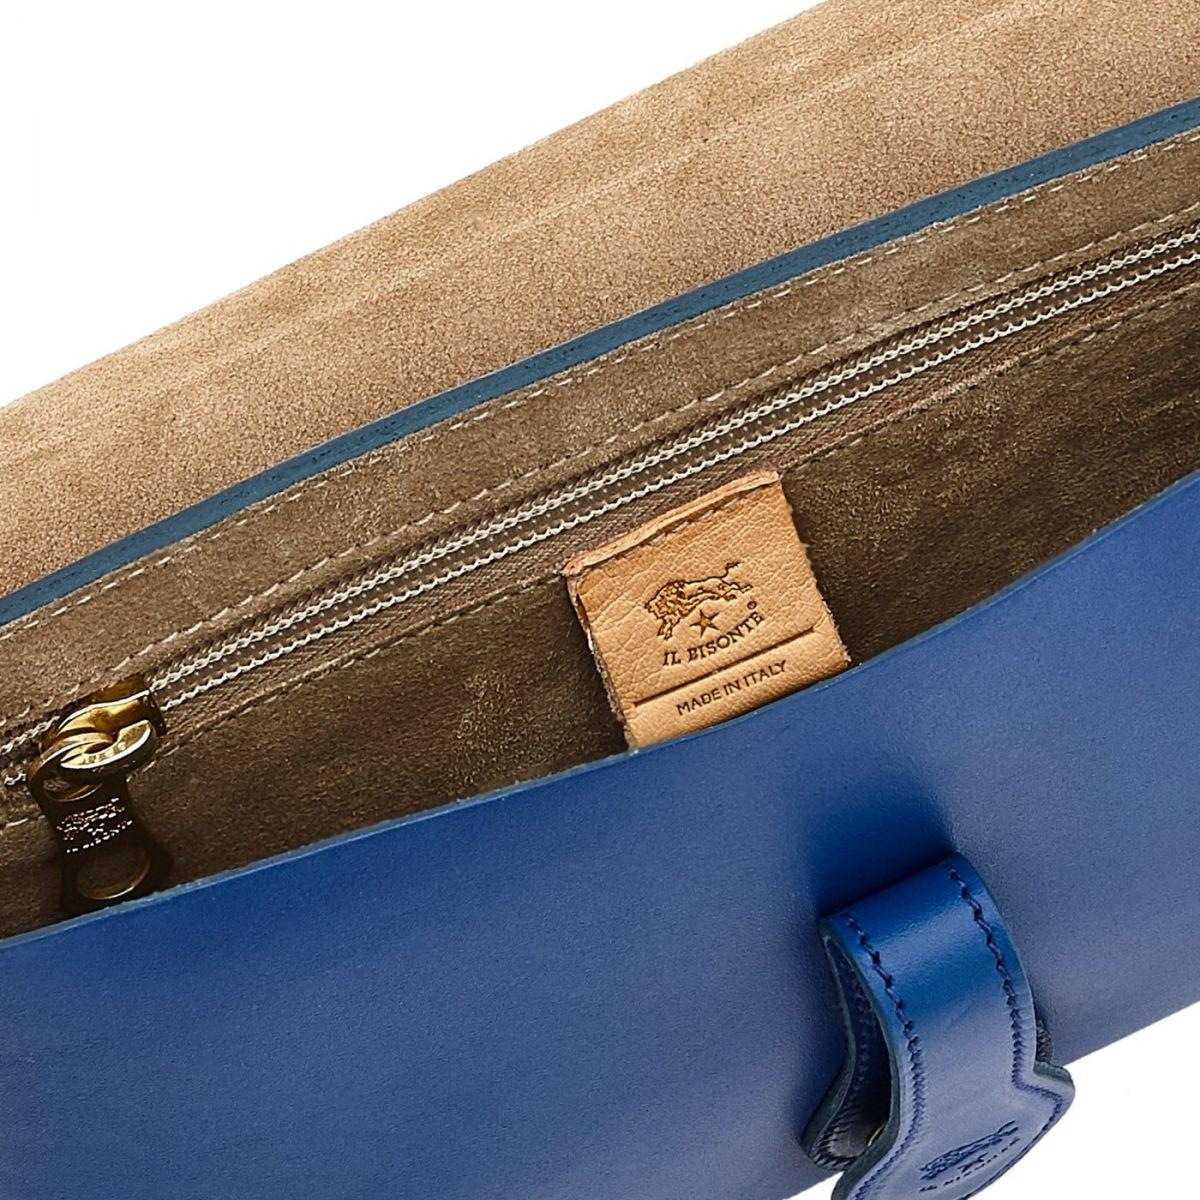 Women's Shoulder Bag Salina in Cowhide Leather BSH085 color Blueberry | Details